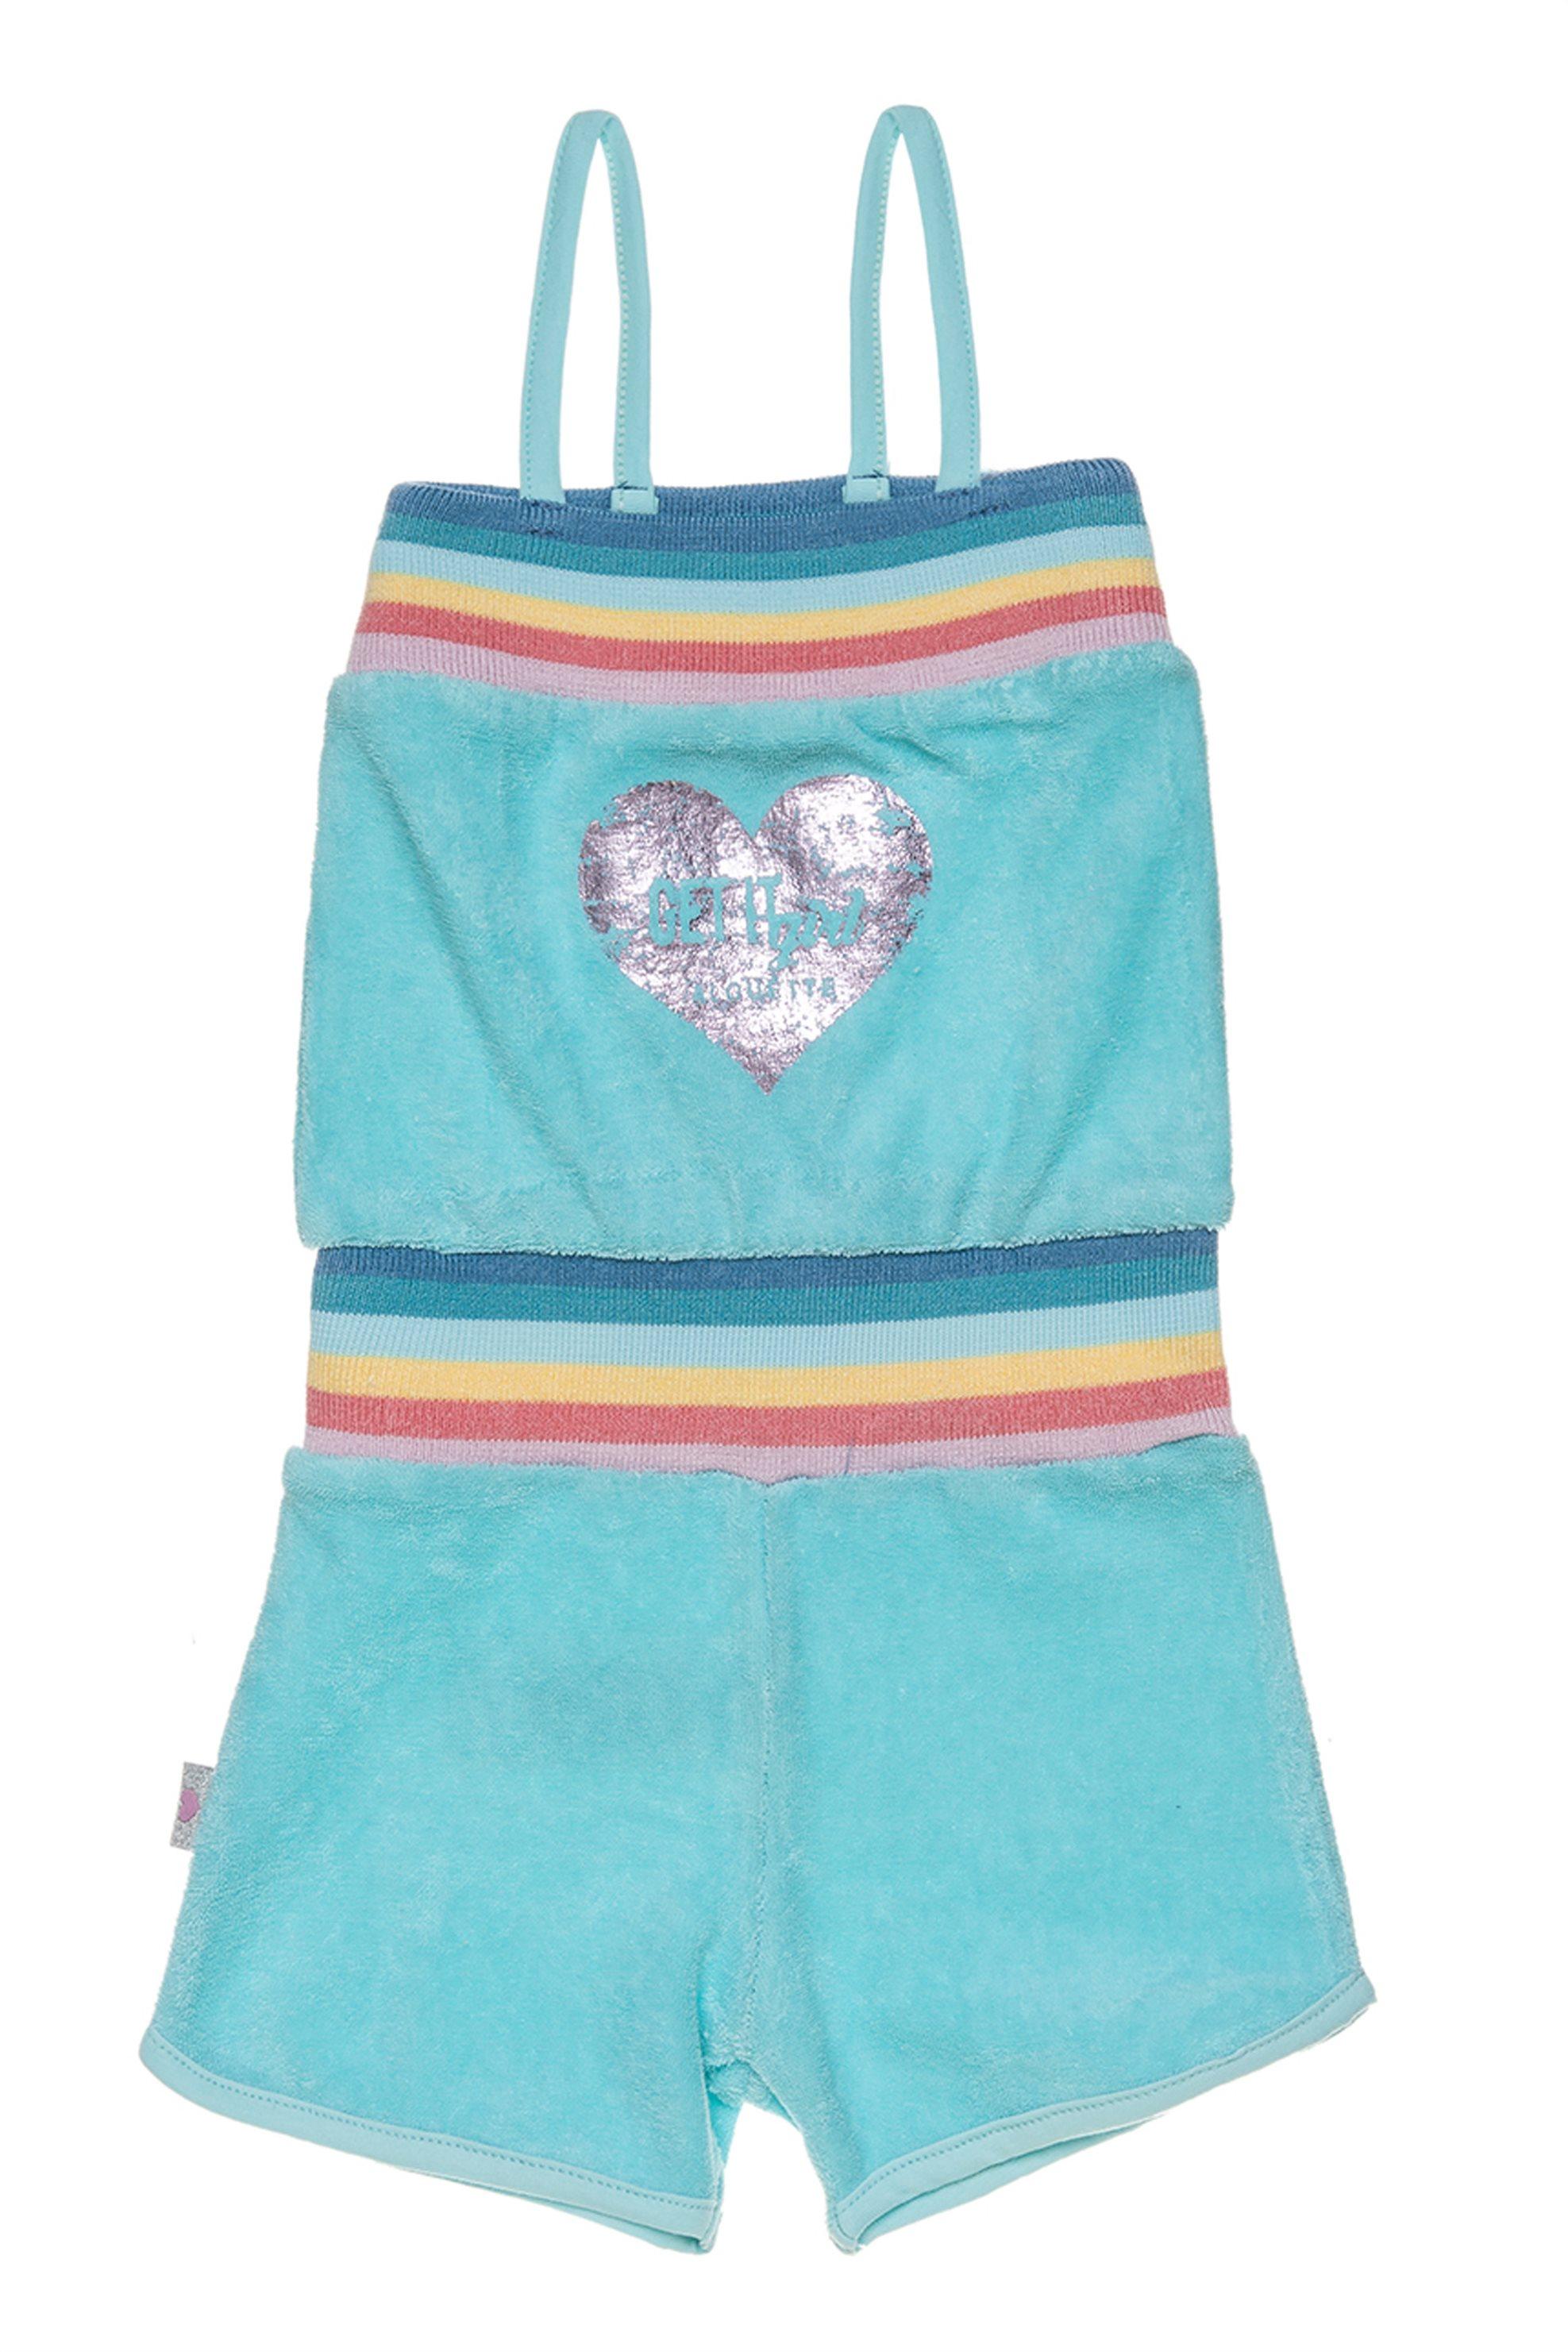 Βρεφική σαλοπέτα με ραντάκι Alouette - 00211805 - Βεραμάν παιδι   βρεφικα κοριτσι   0 3 ετων   ρούχα   σαλοπέτες